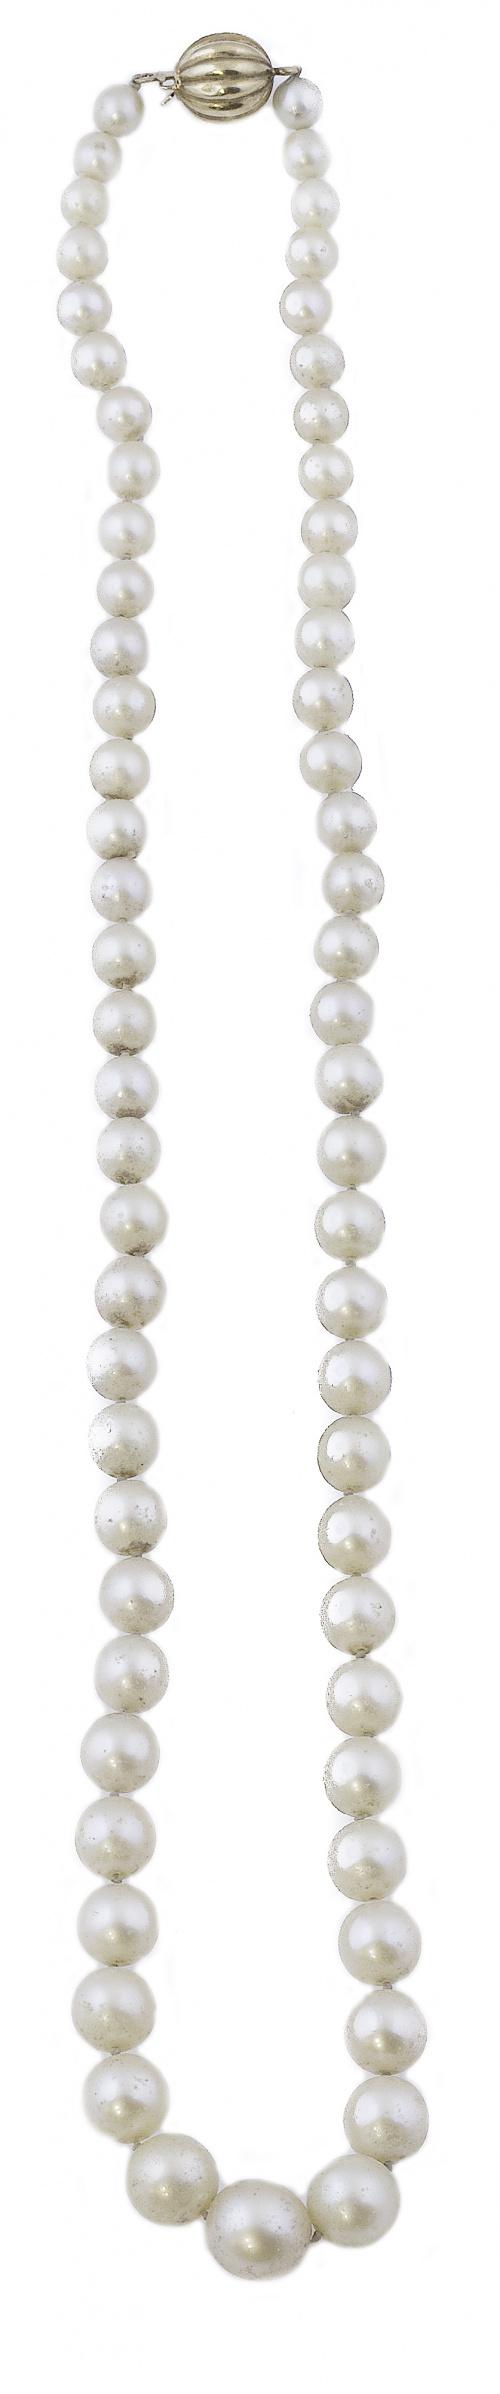 Collar de un hilo de perlas cultivadas de tamaño creciente